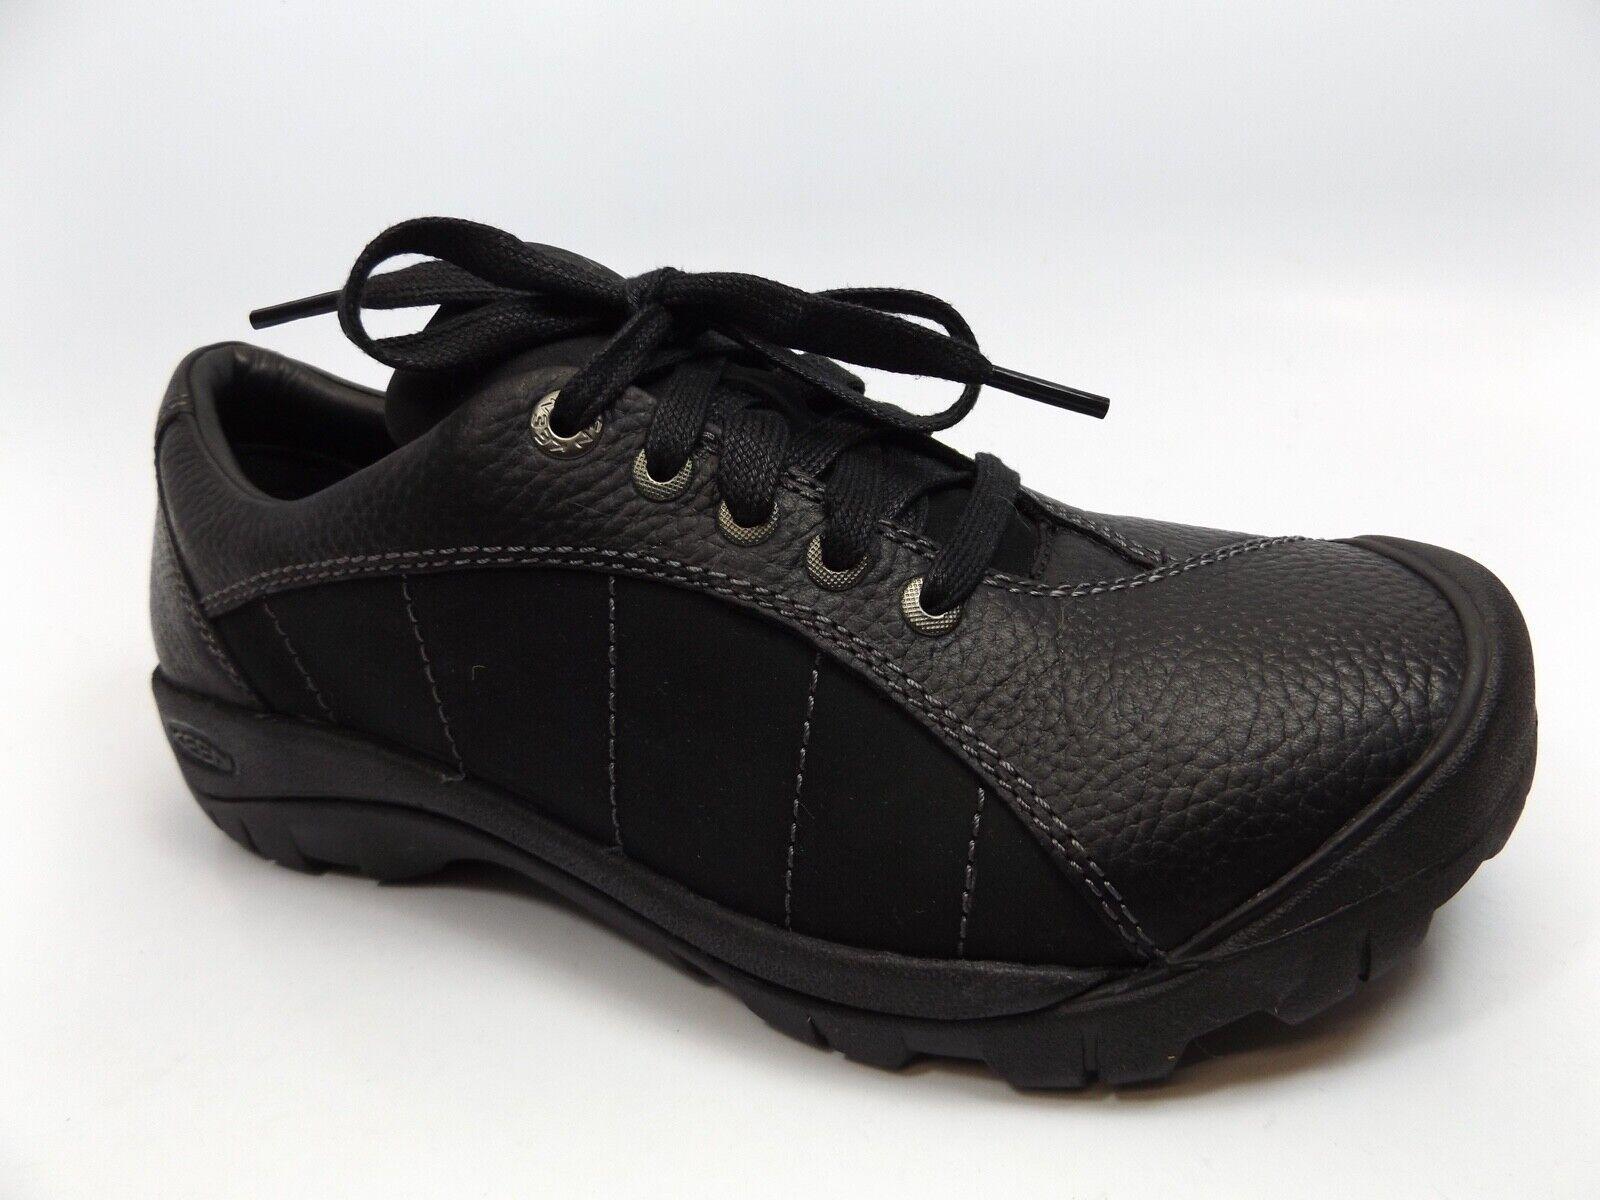 Keen Santa Fe Oxford Trabajo Zapatos Seguridad CSA aprobado para mujer M, Negro  287